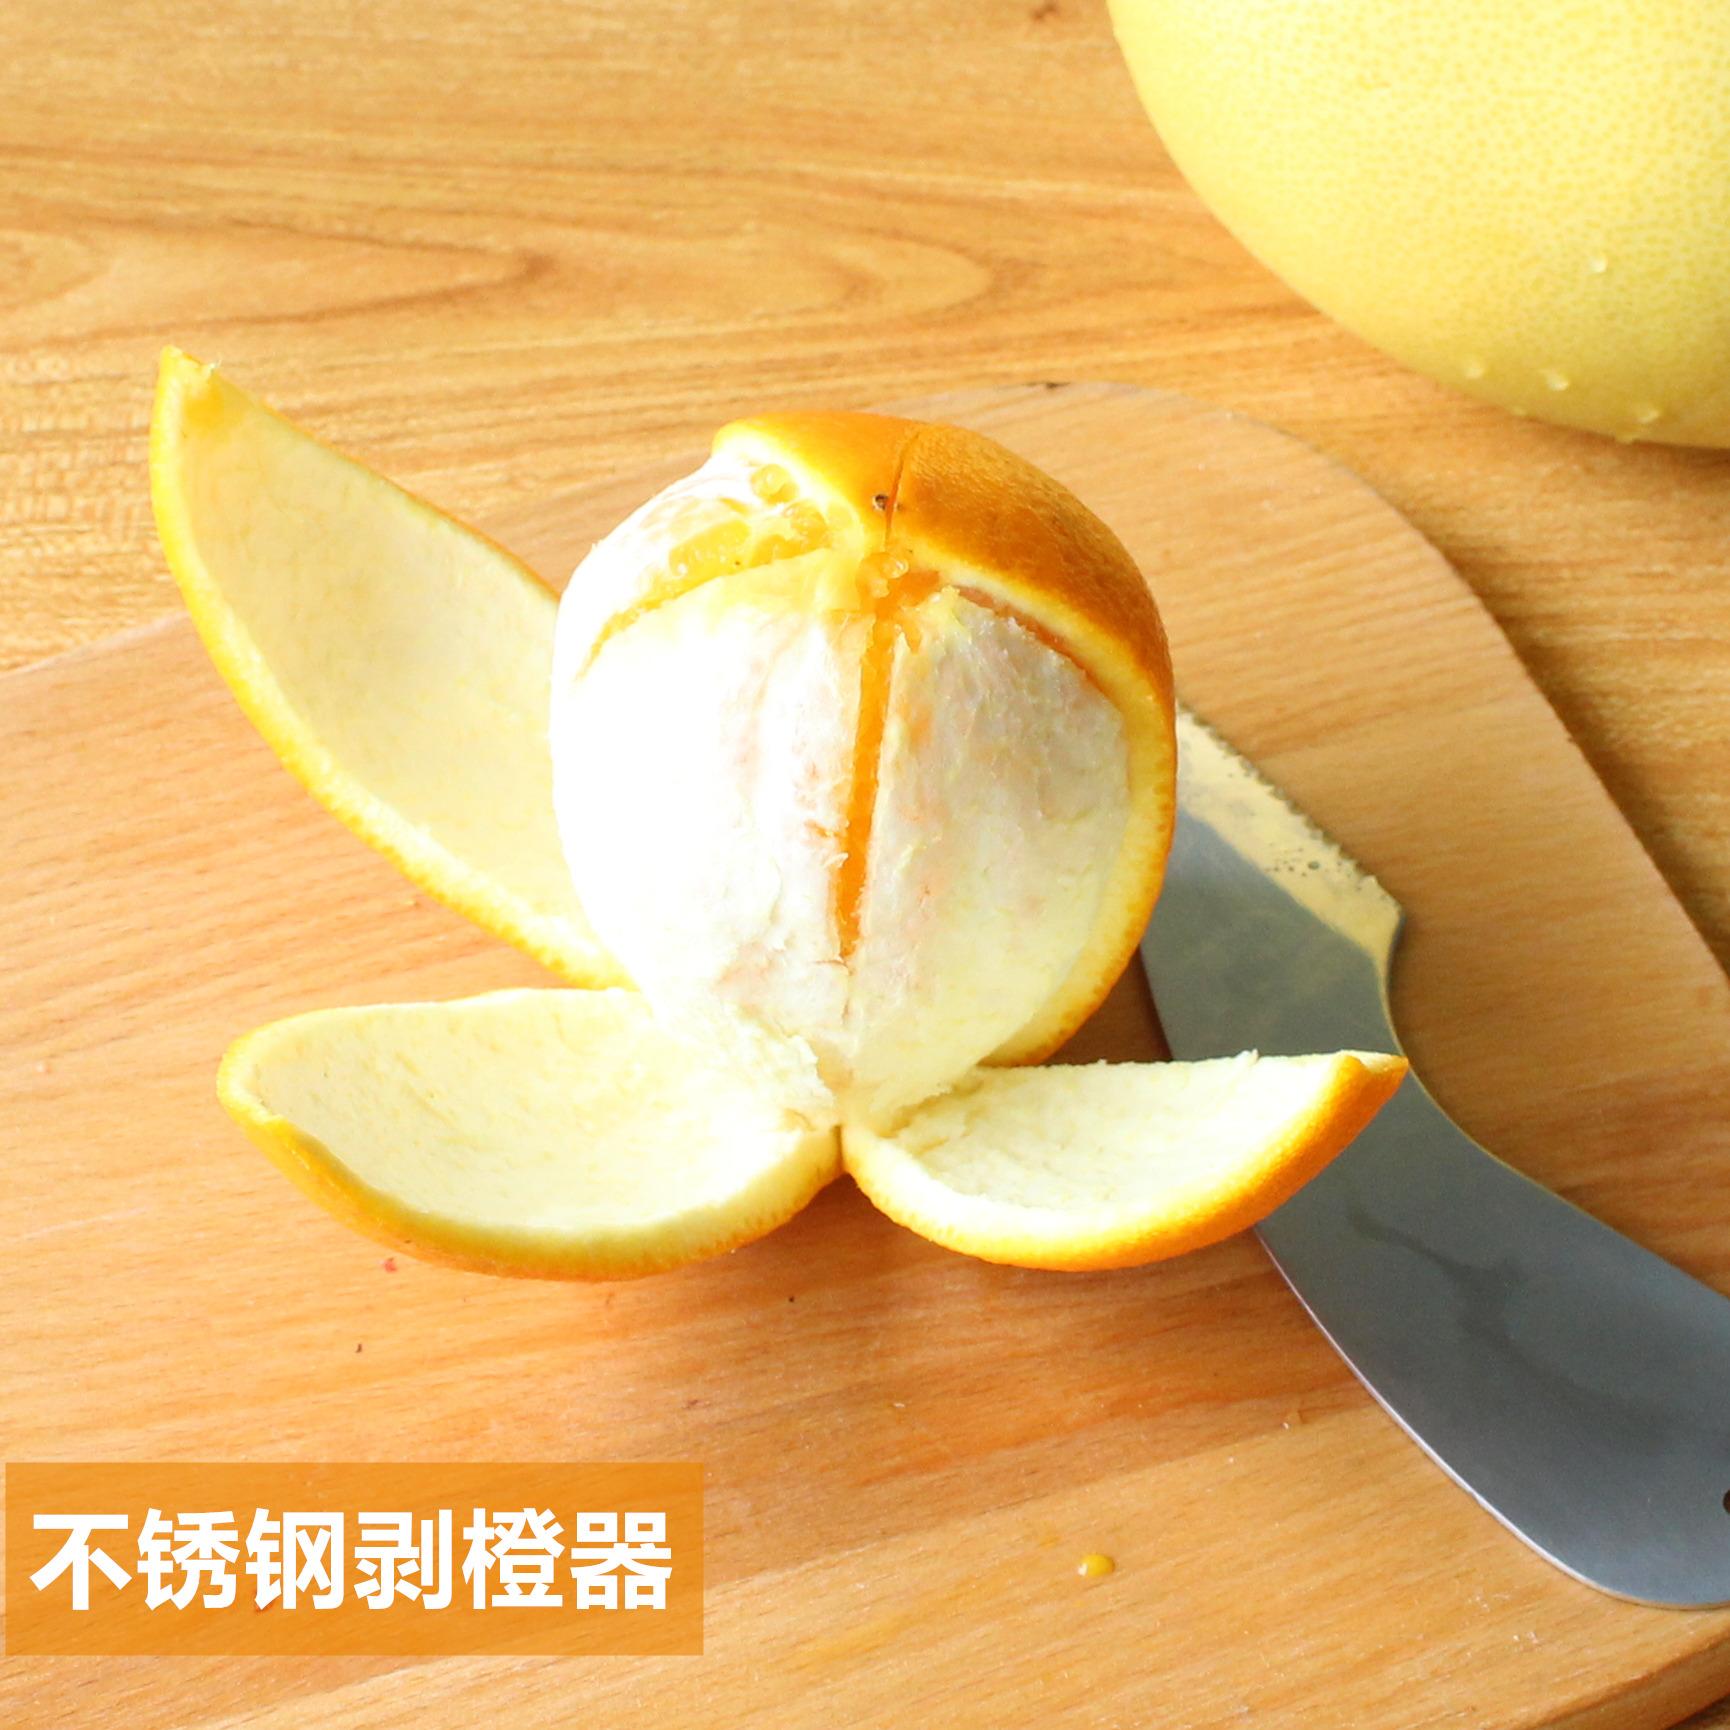 不锈钢开柚剥柚子神器多功能剥橙器切橙子石榴剥皮器厨房工具